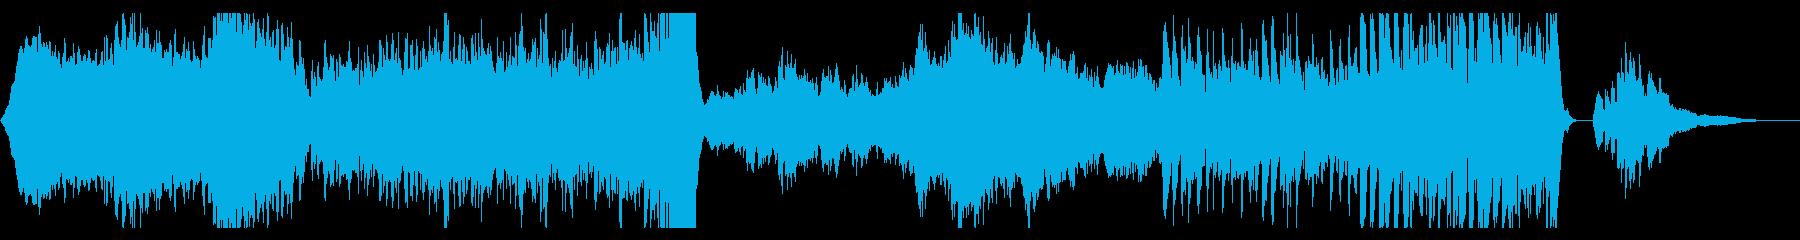 緊迫感のある幻想的なミステリーの曲の再生済みの波形